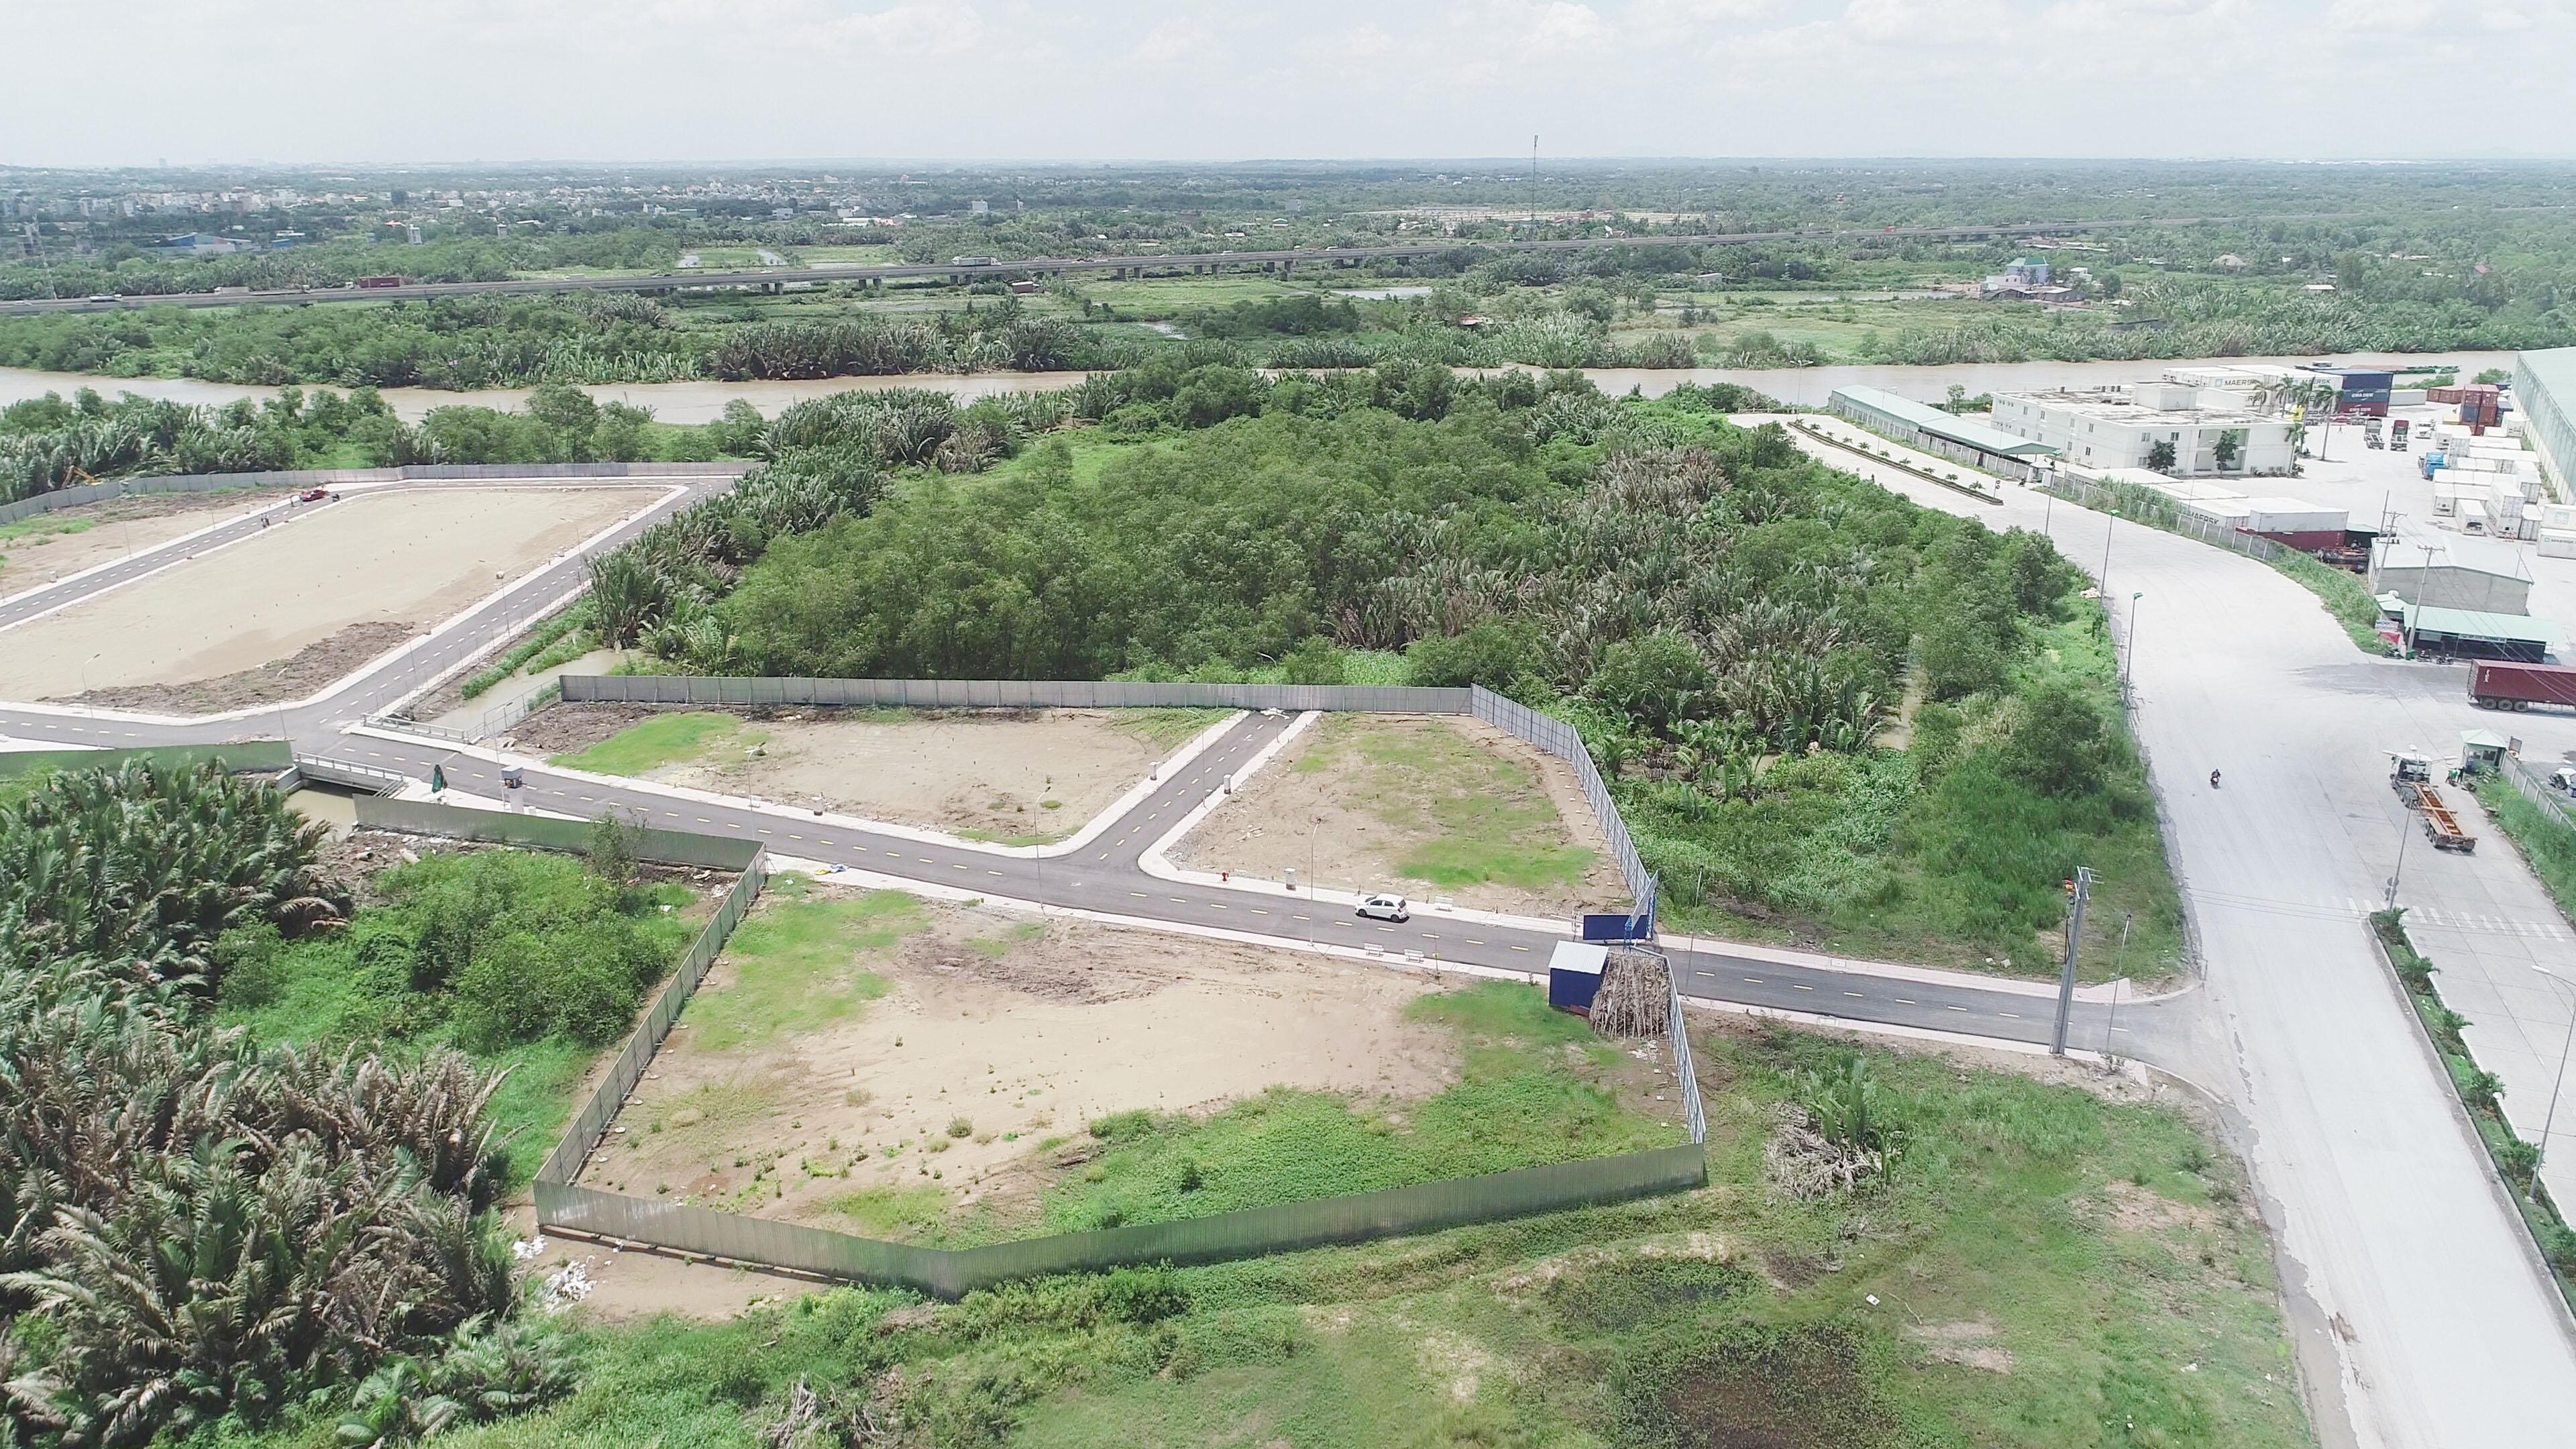 Bán đất thổ cư diện tích 310m2, đã có sổ đỏ, xây dựng tự do nhà trọ, kho xưởng.Chiết khấu 233 triệu